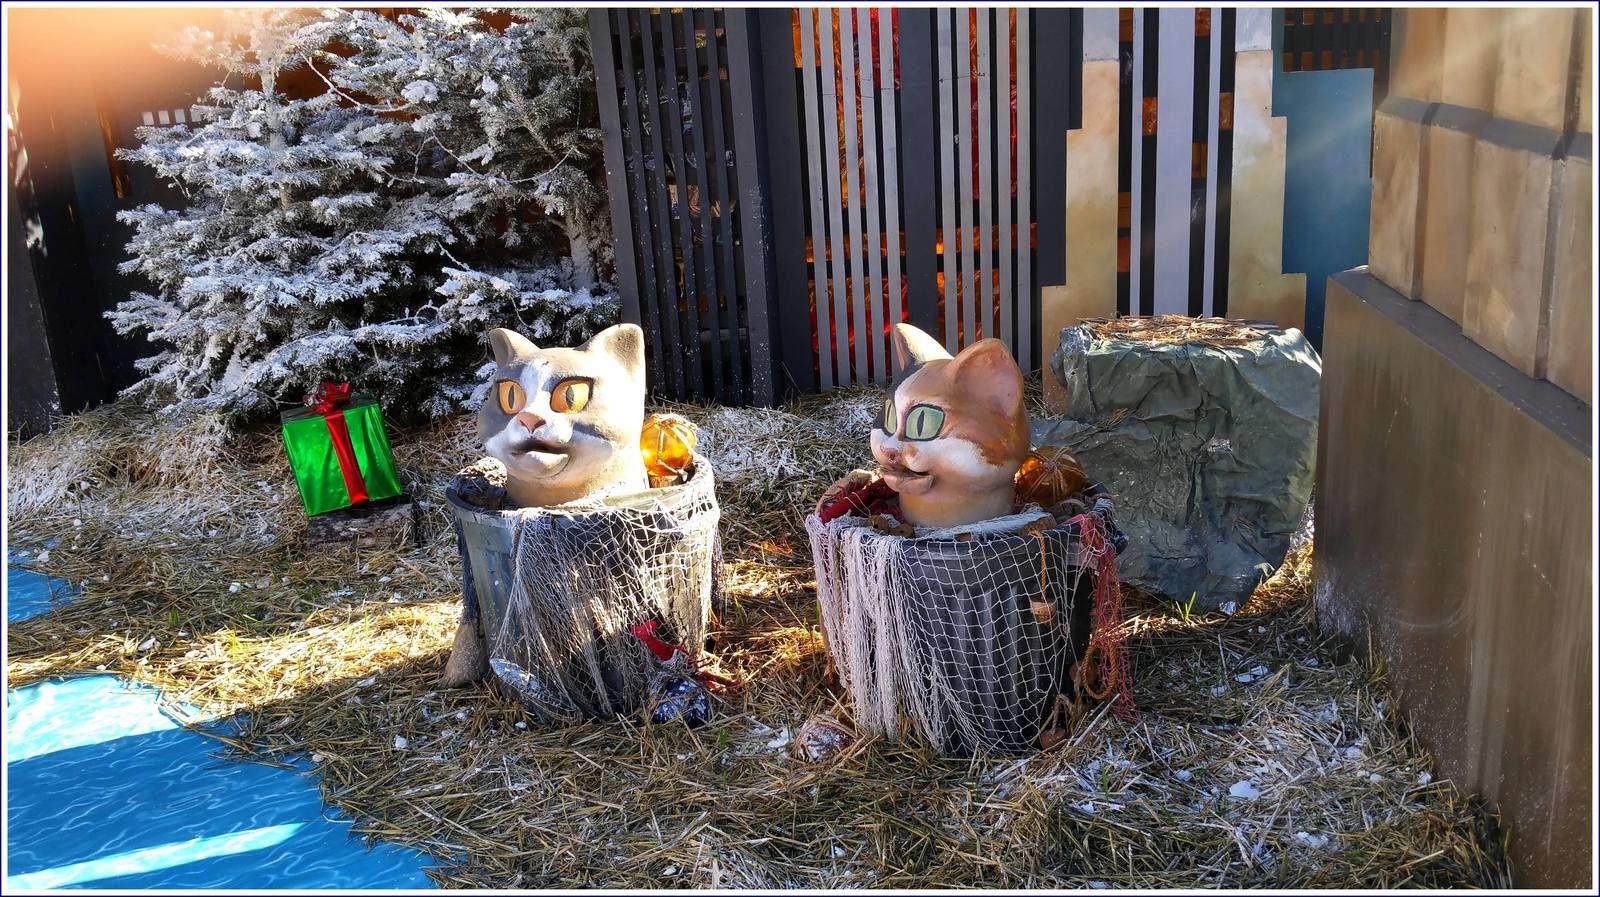 287 - Le marché et le village de Noël 2016 à Toulon : Noël à travers le monde